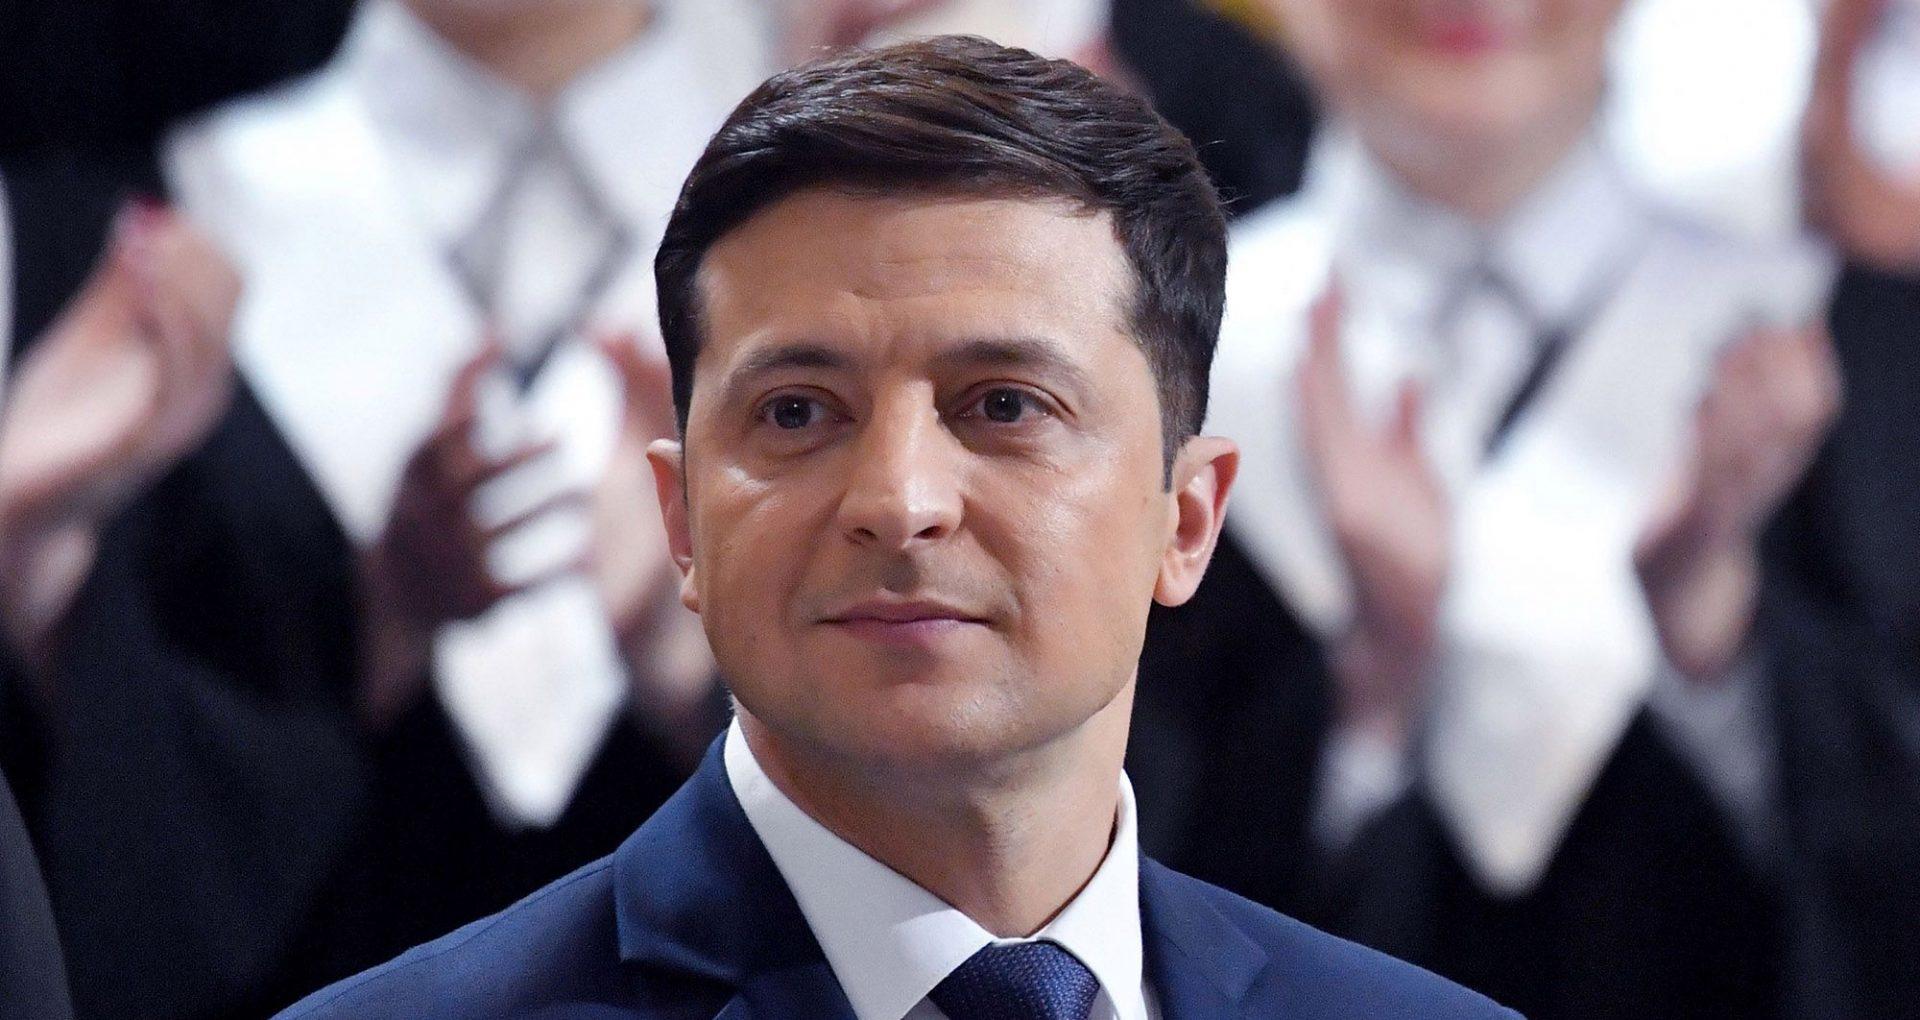 Zelensky a ordonat serviciilor secrete ale Ucrainei să ofere protecție exilaților din Belarus aflați în Ucraina, după moartea militantului belarus